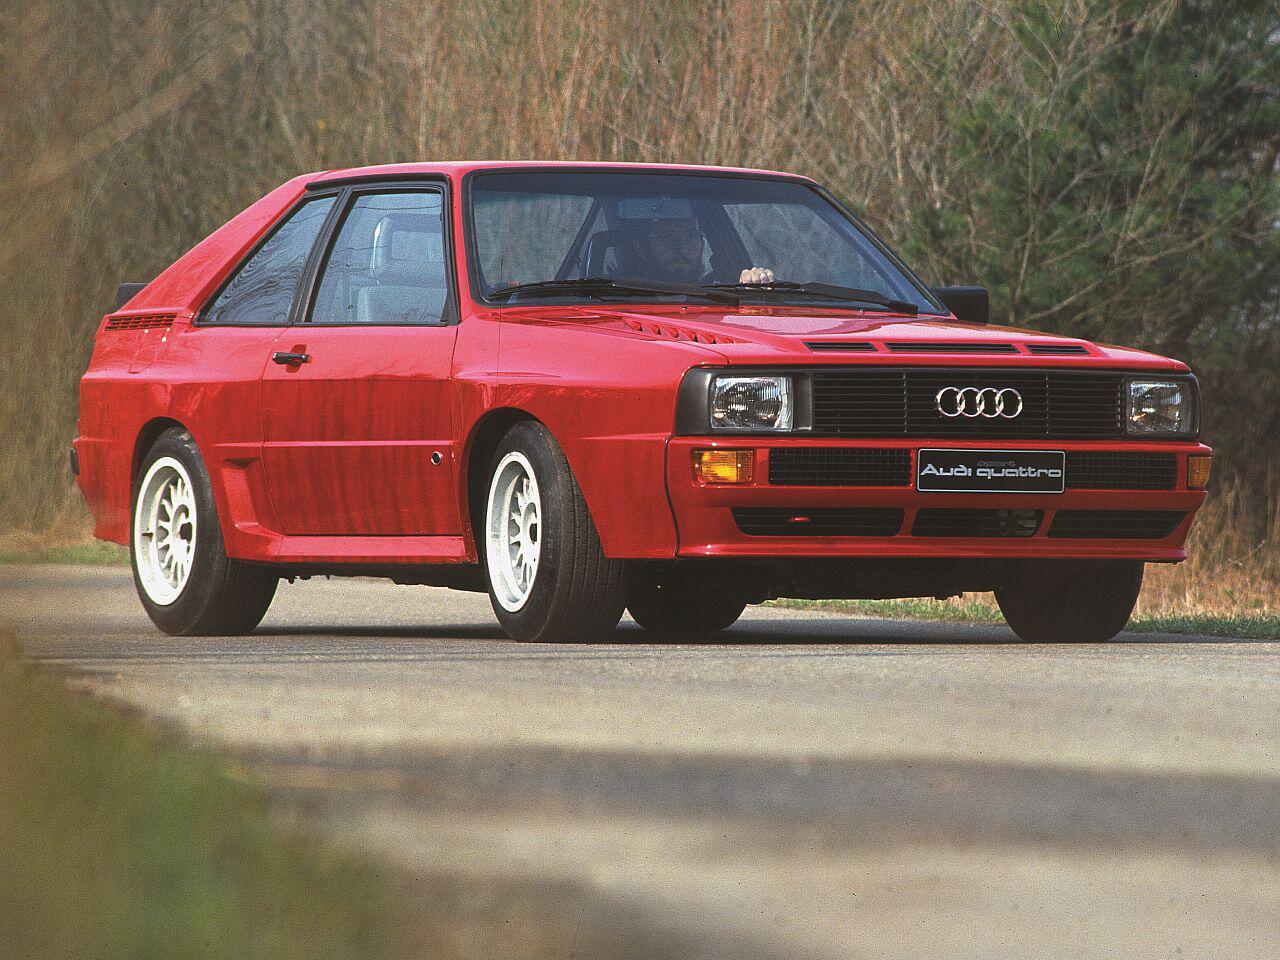 Bild zu Audi Quattro - Urquattro